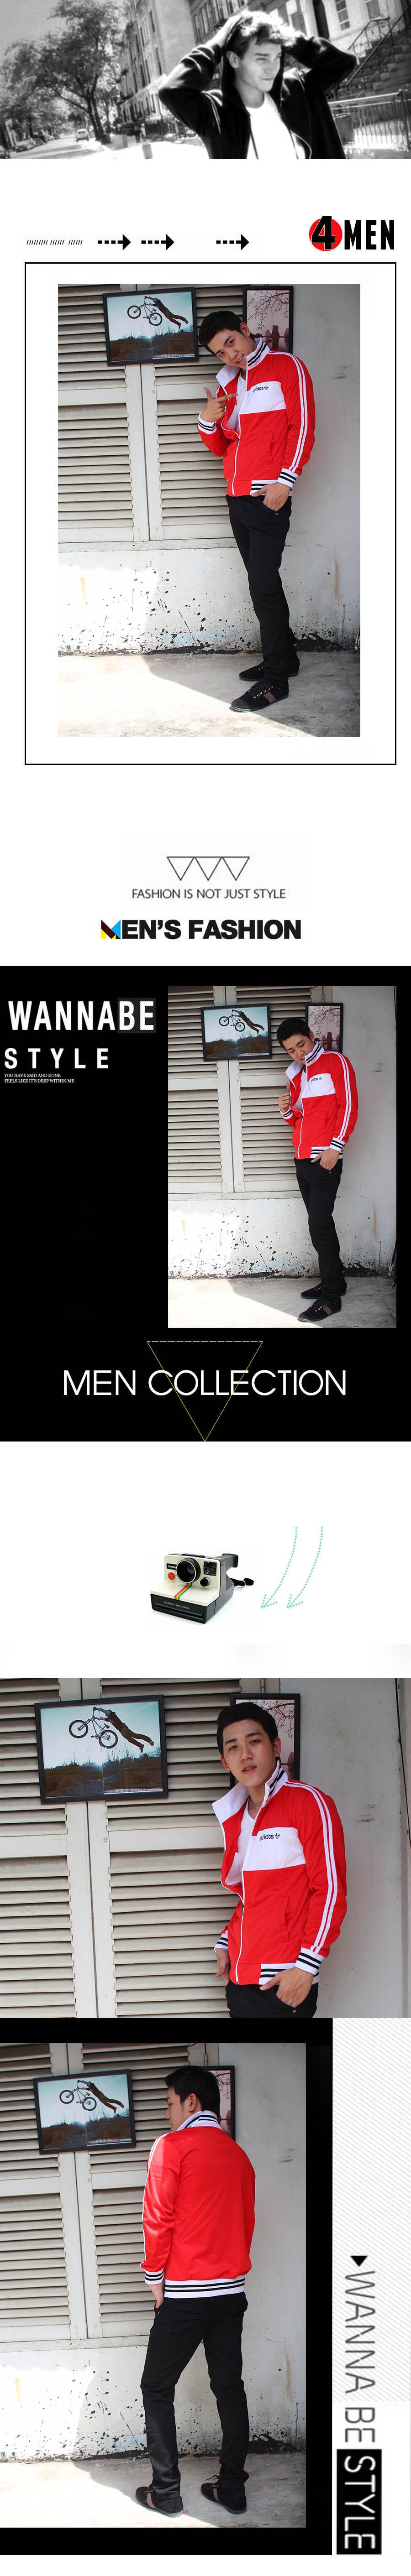 Áo khoác adidas đỏ đô ak0001 - 1